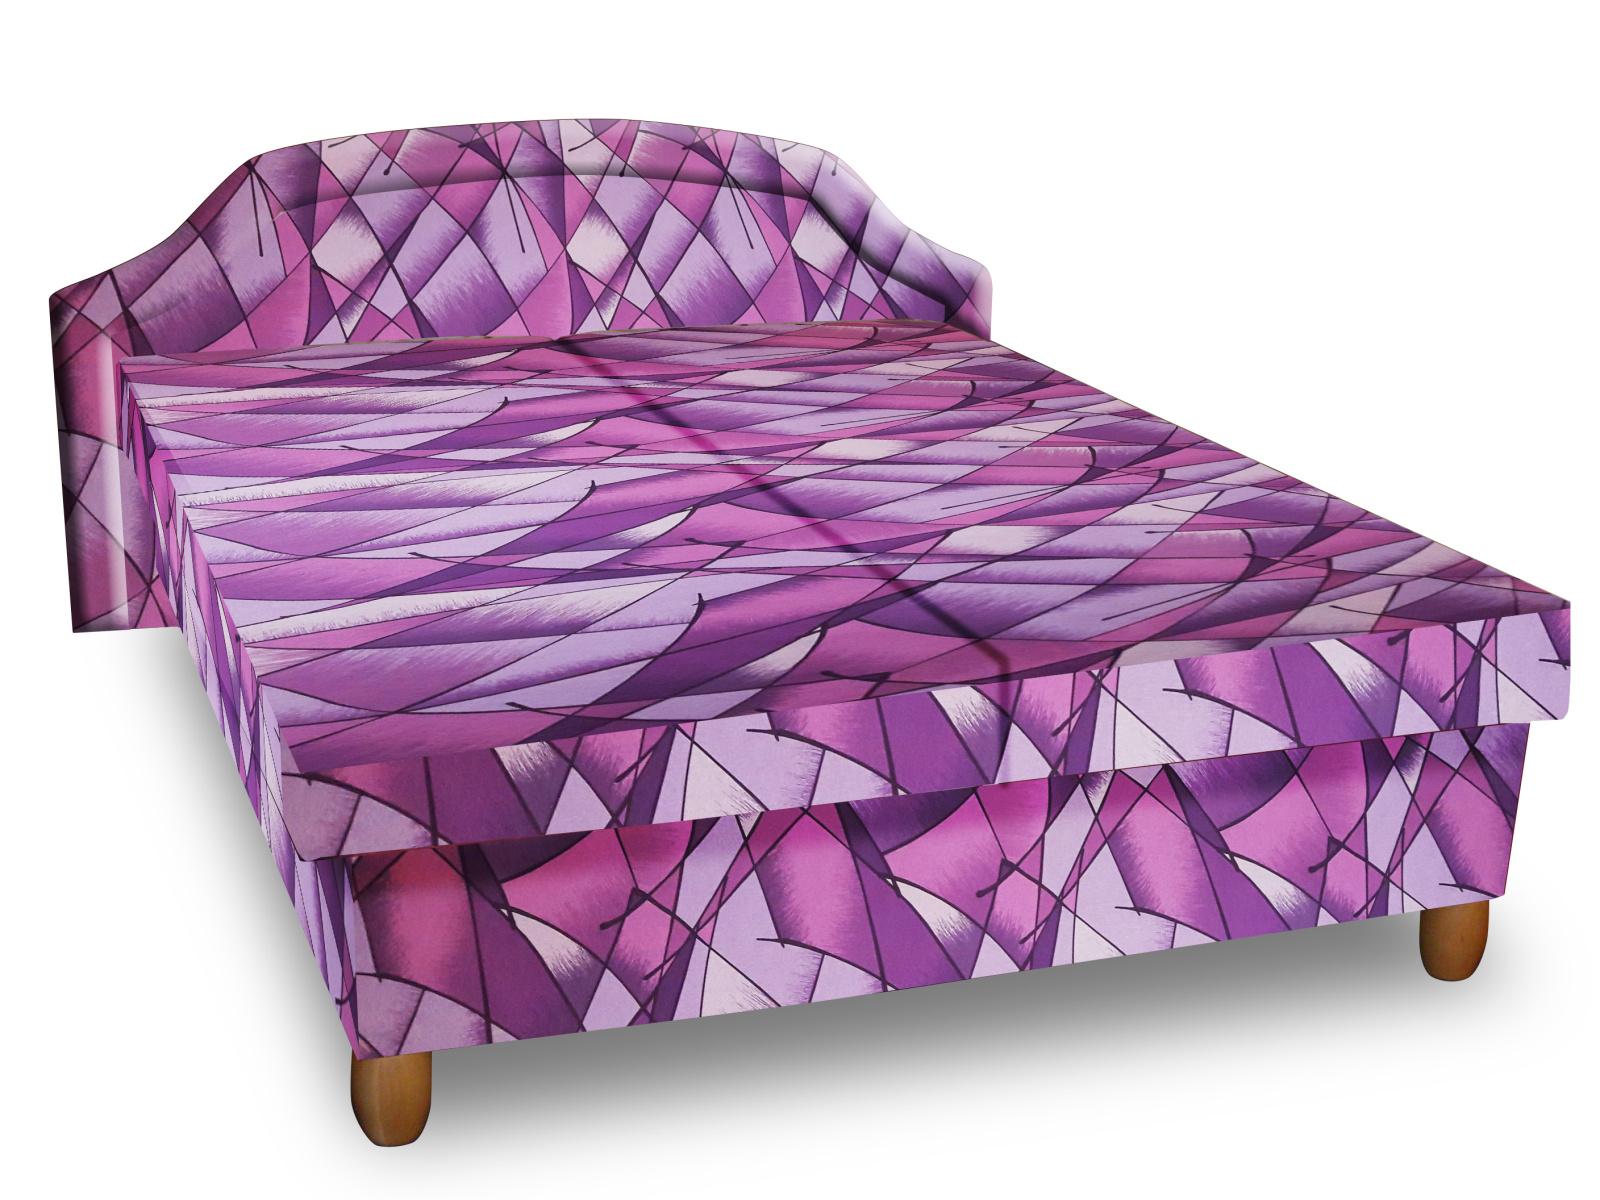 Smartshop Čalouněná postel KARINA 140x200 cm, fialová látka